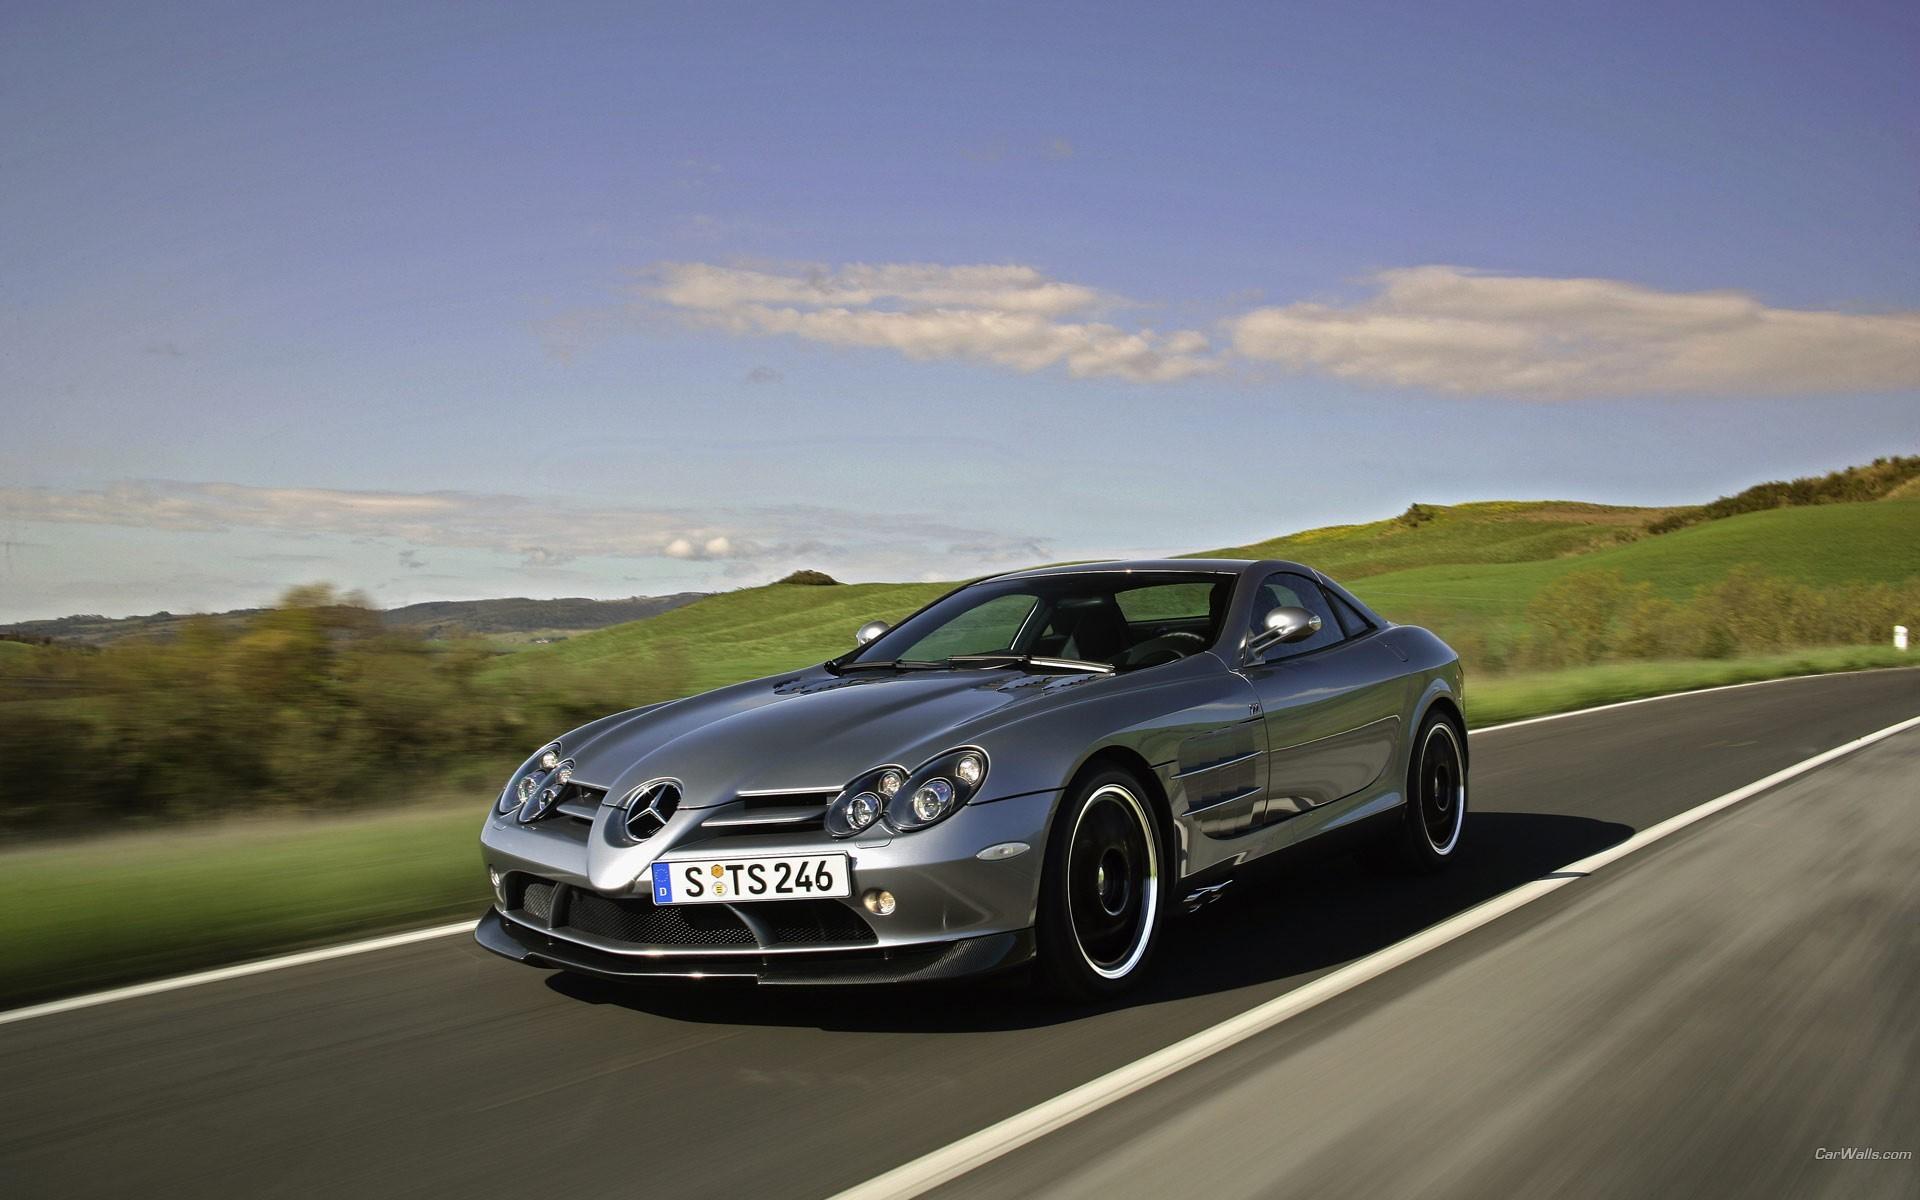 21216 скачать обои Транспорт, Машины, Дороги, Мерседес (Mercedes) - заставки и картинки бесплатно